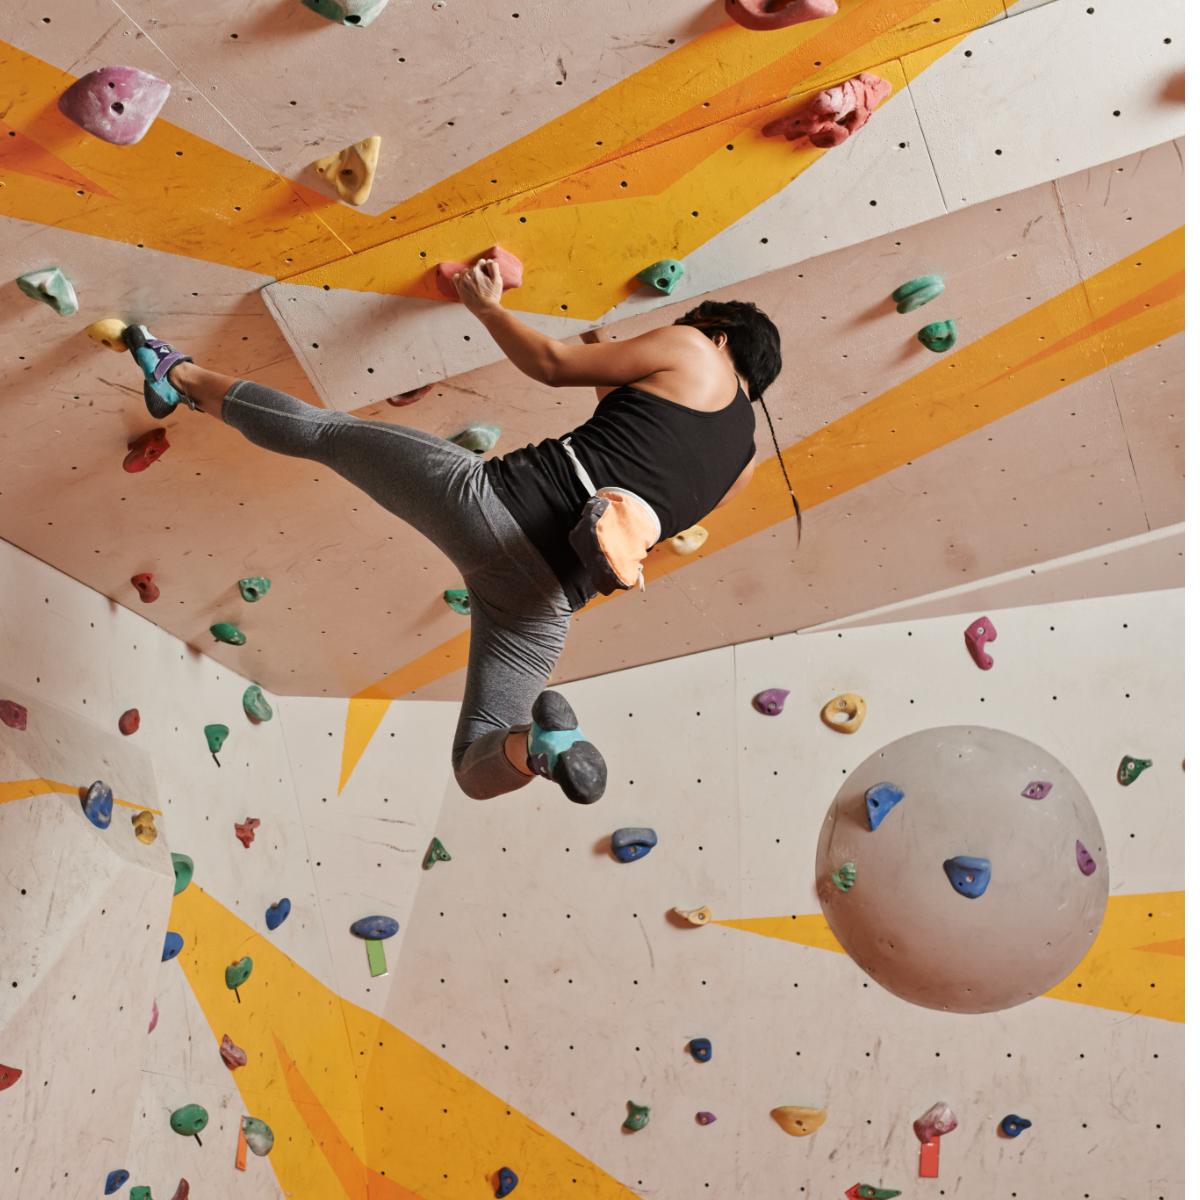 Urban Sports Club Bouldern (1)